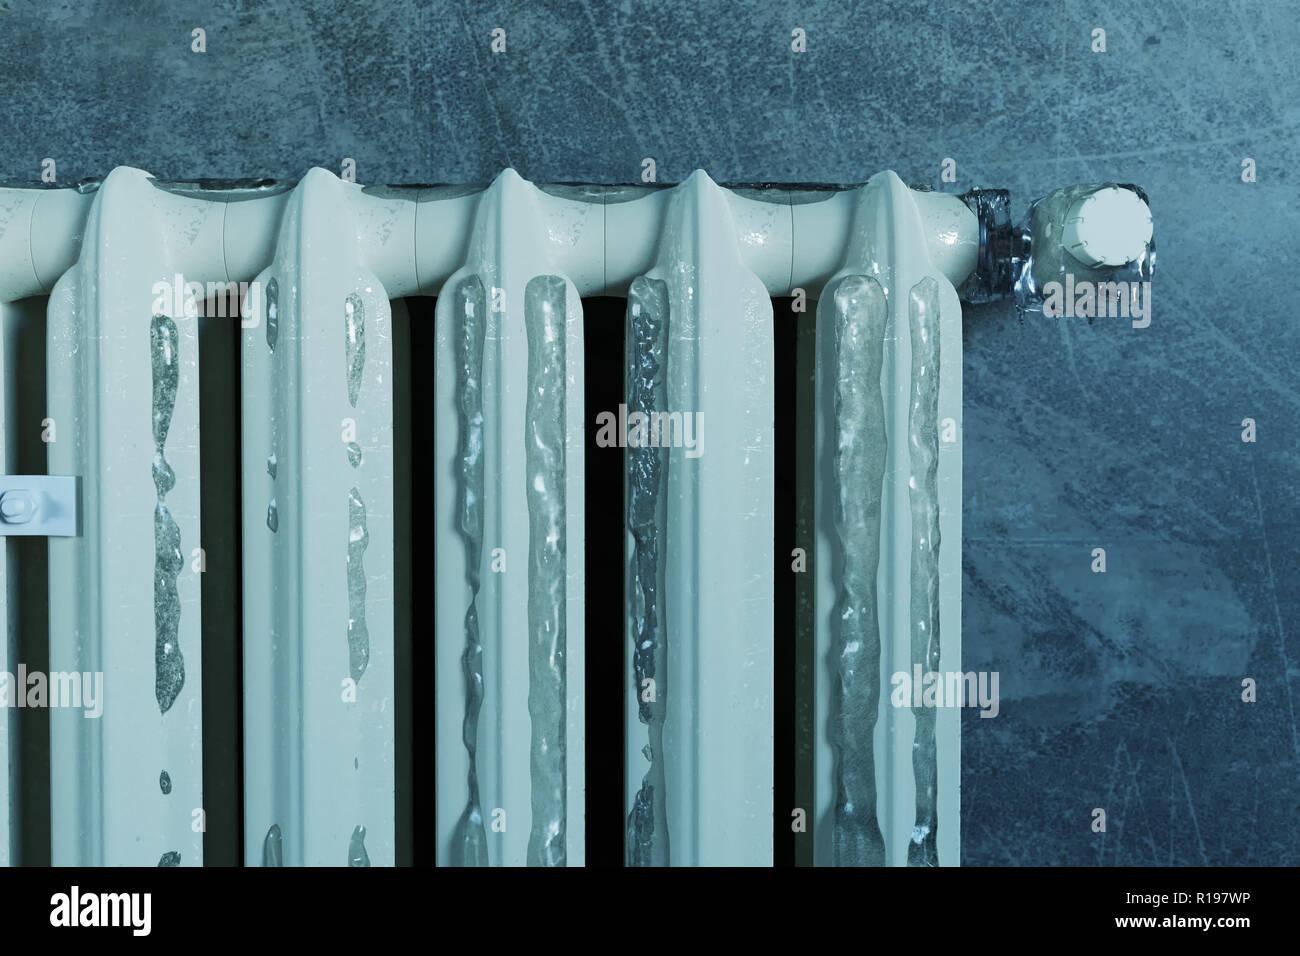 3D rendering di un vecchio radiatore termico ricoperto di ghiaccio a causa della povertà energetica Immagini Stock